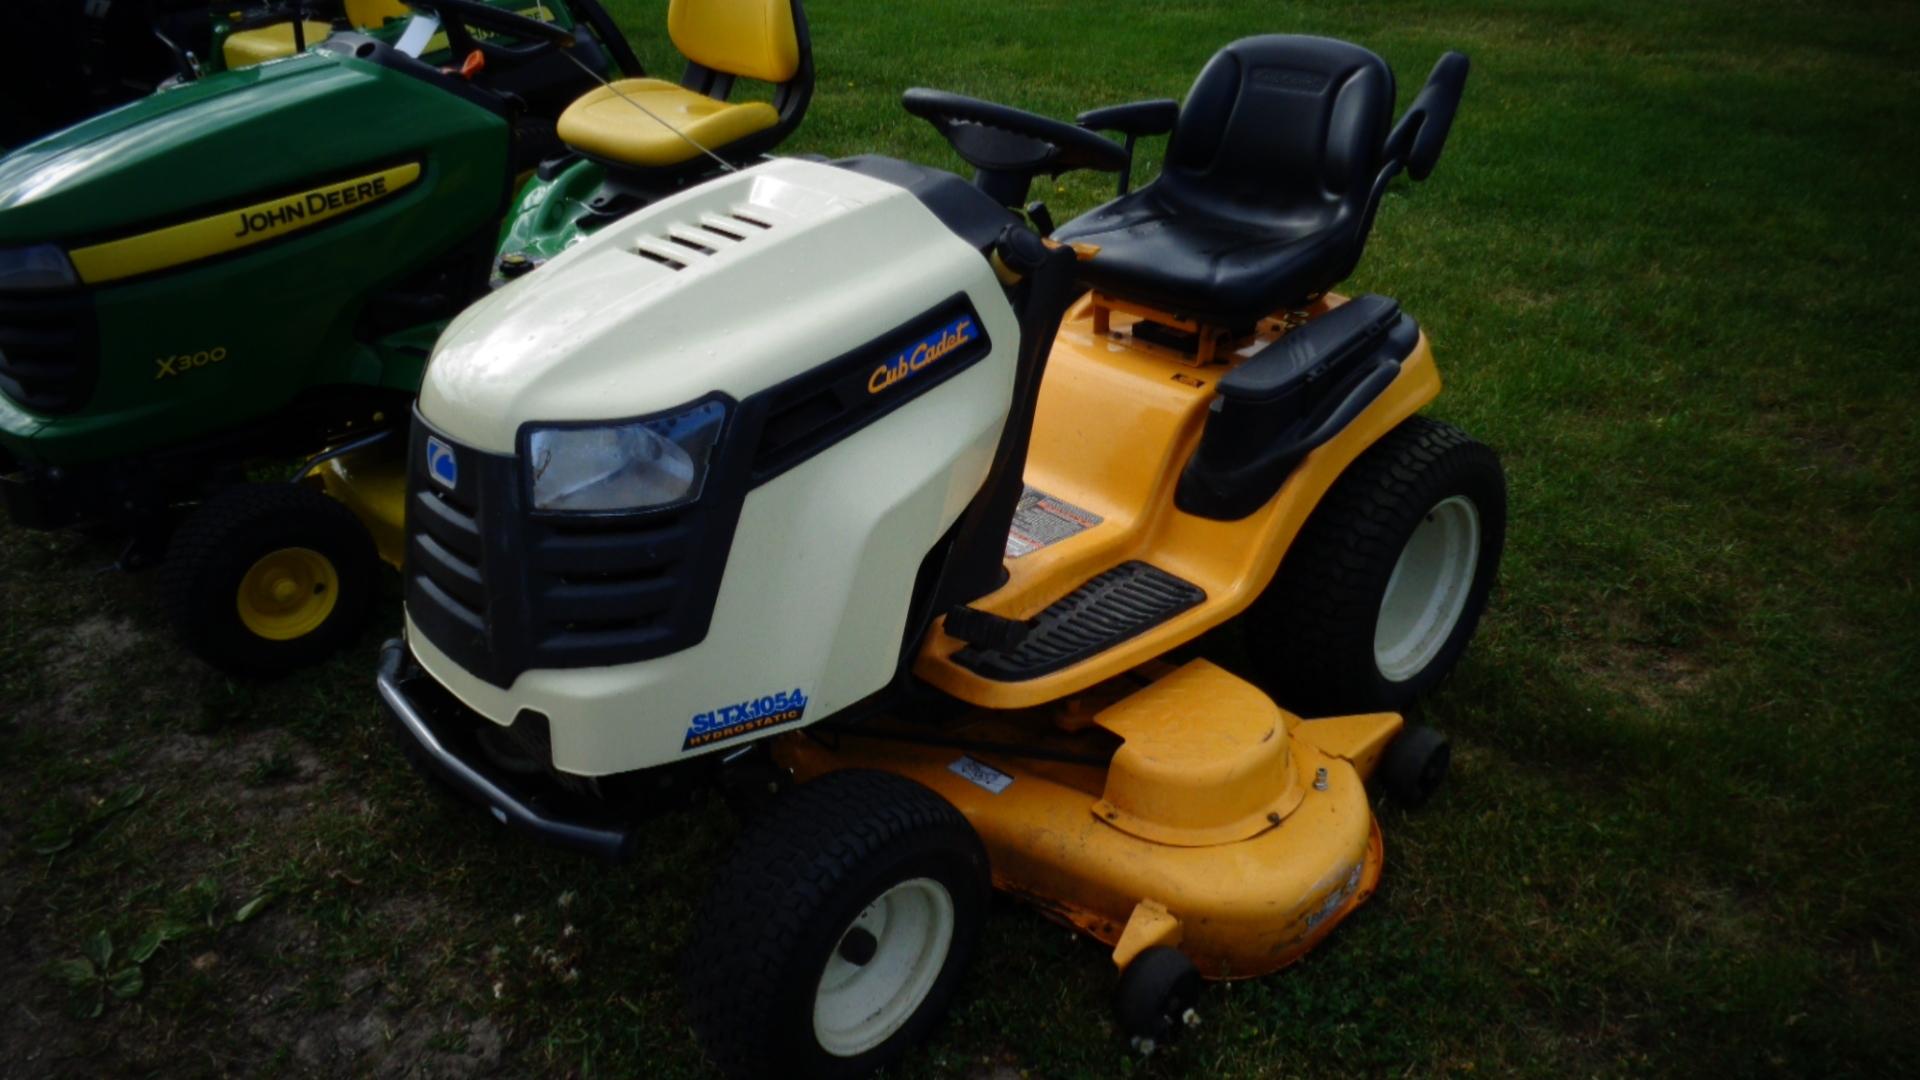 Cub Cadet Lawn Tractors 2010 : Cub cadet sltx lawn garden tractors for sale